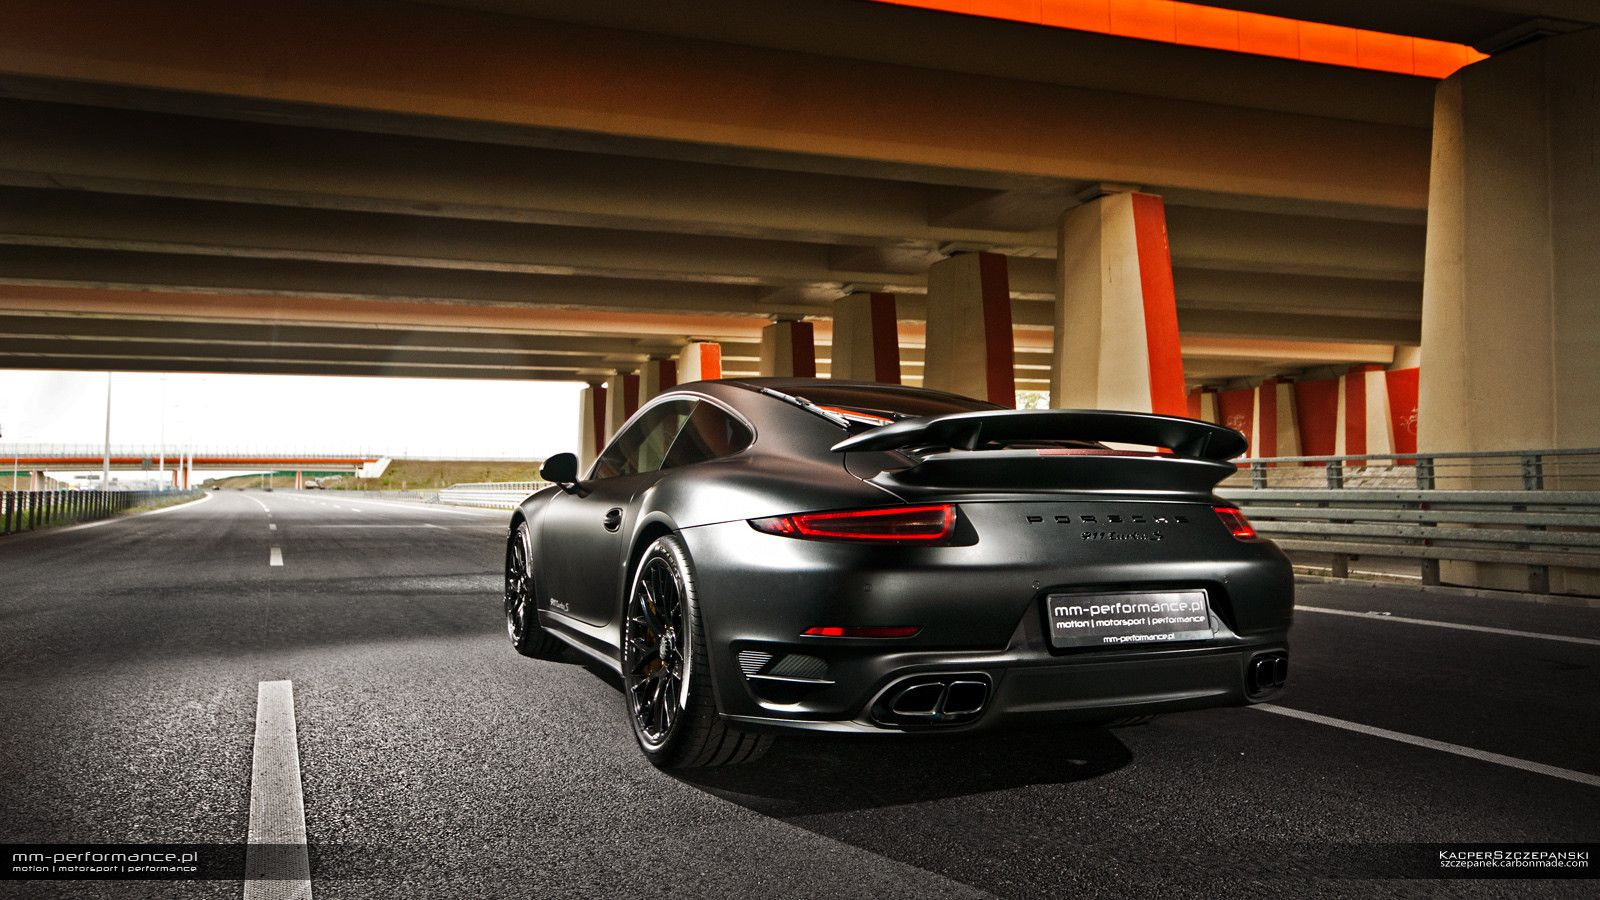 Matte Black Porsche 991 Turbo S W X2f Gmg Headers Installed By Mm Performance Poland Rennlist Discussion Forums 911 Turbo S Porsche 911 Turbo 911 Turbo